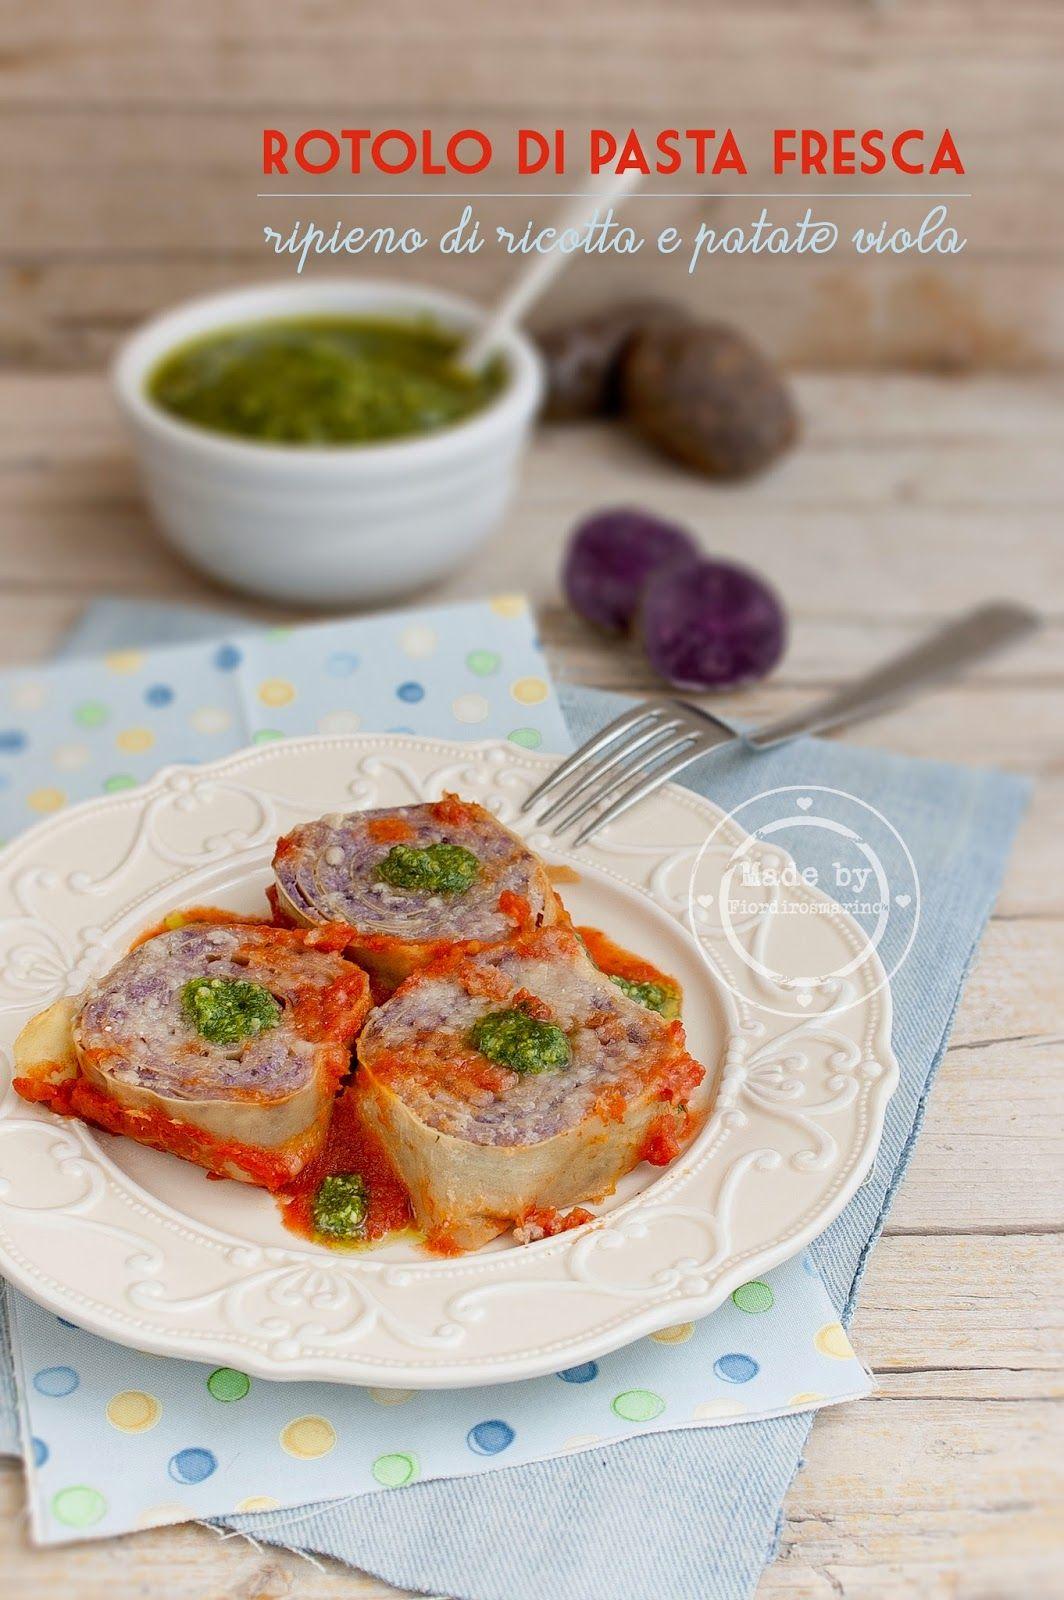 Rotolo di pasta fresca ripieno di ricotta e patate viola by Fiordirosmarino